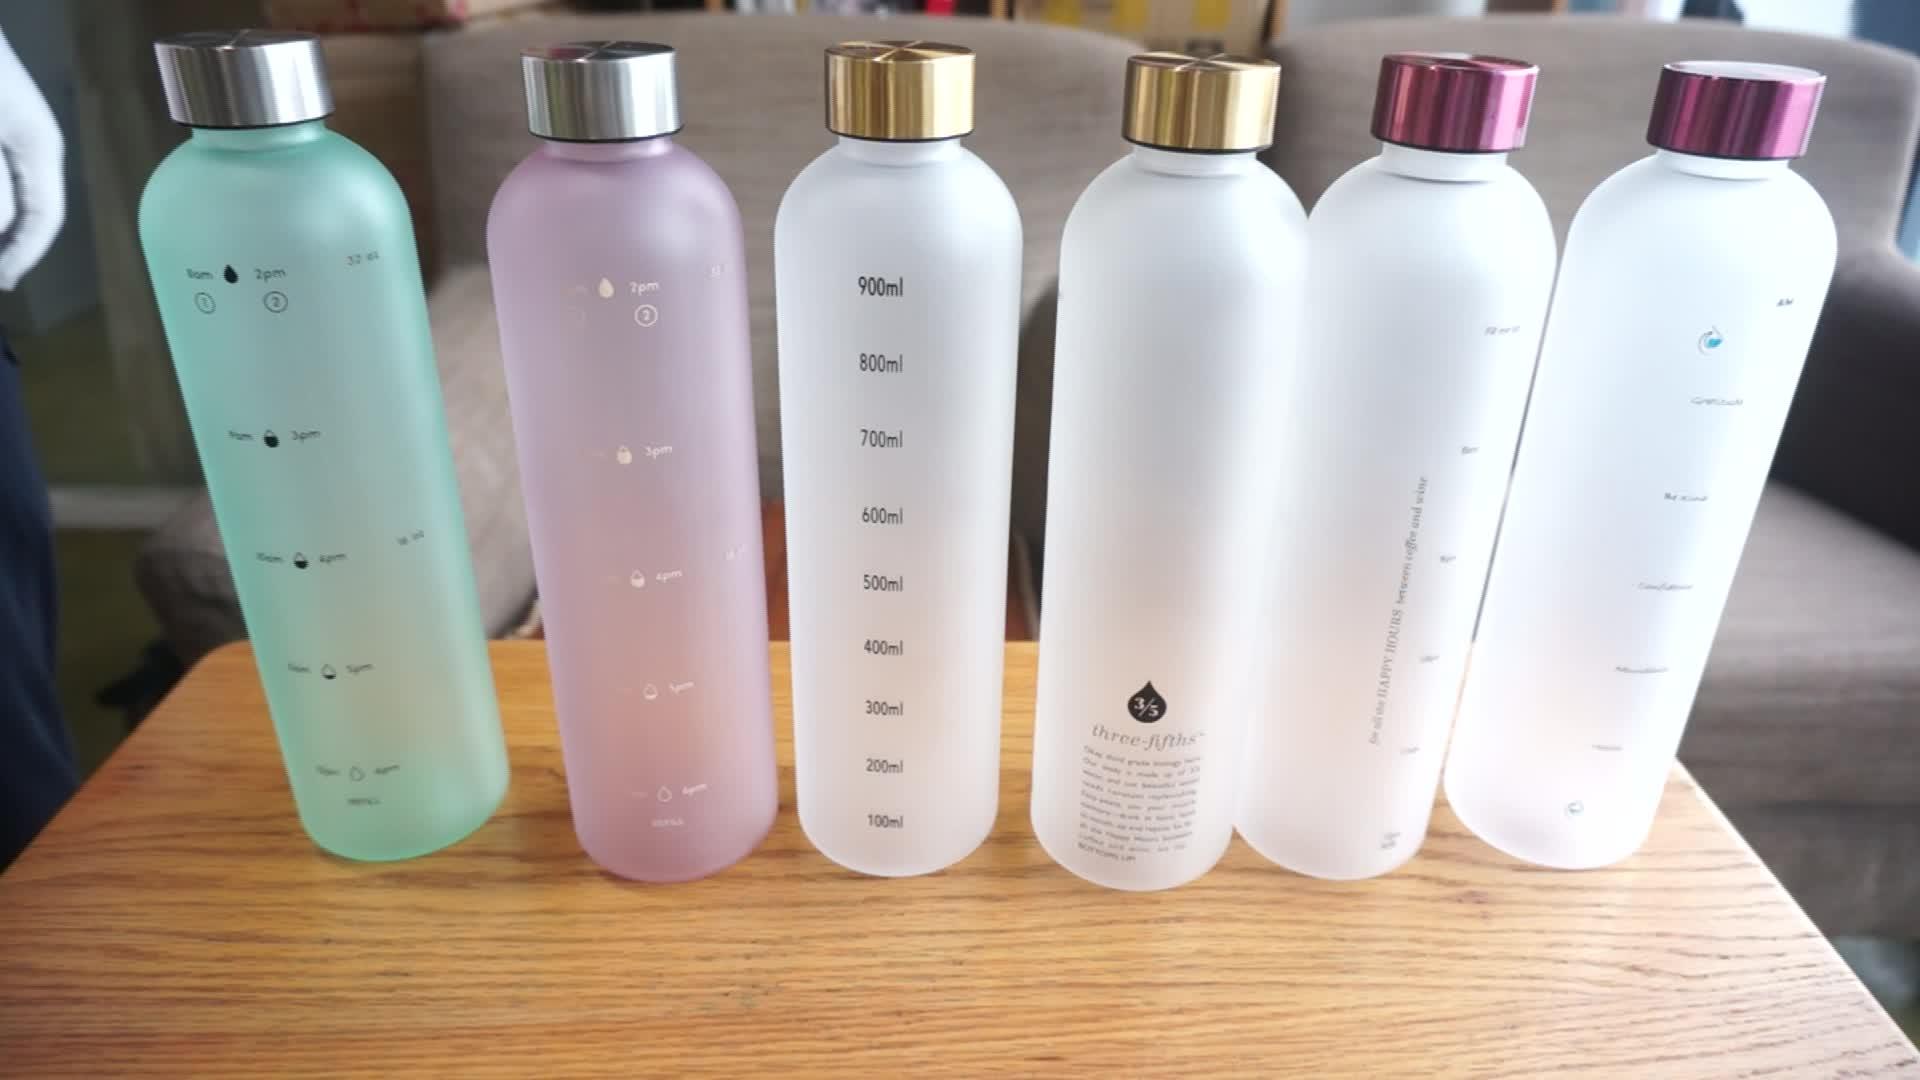 1000 ml bpa मुक्त कस्टम प्रिंट tritan प्लास्टिक खेल पानी की बोतल के साथ तांबा कवर